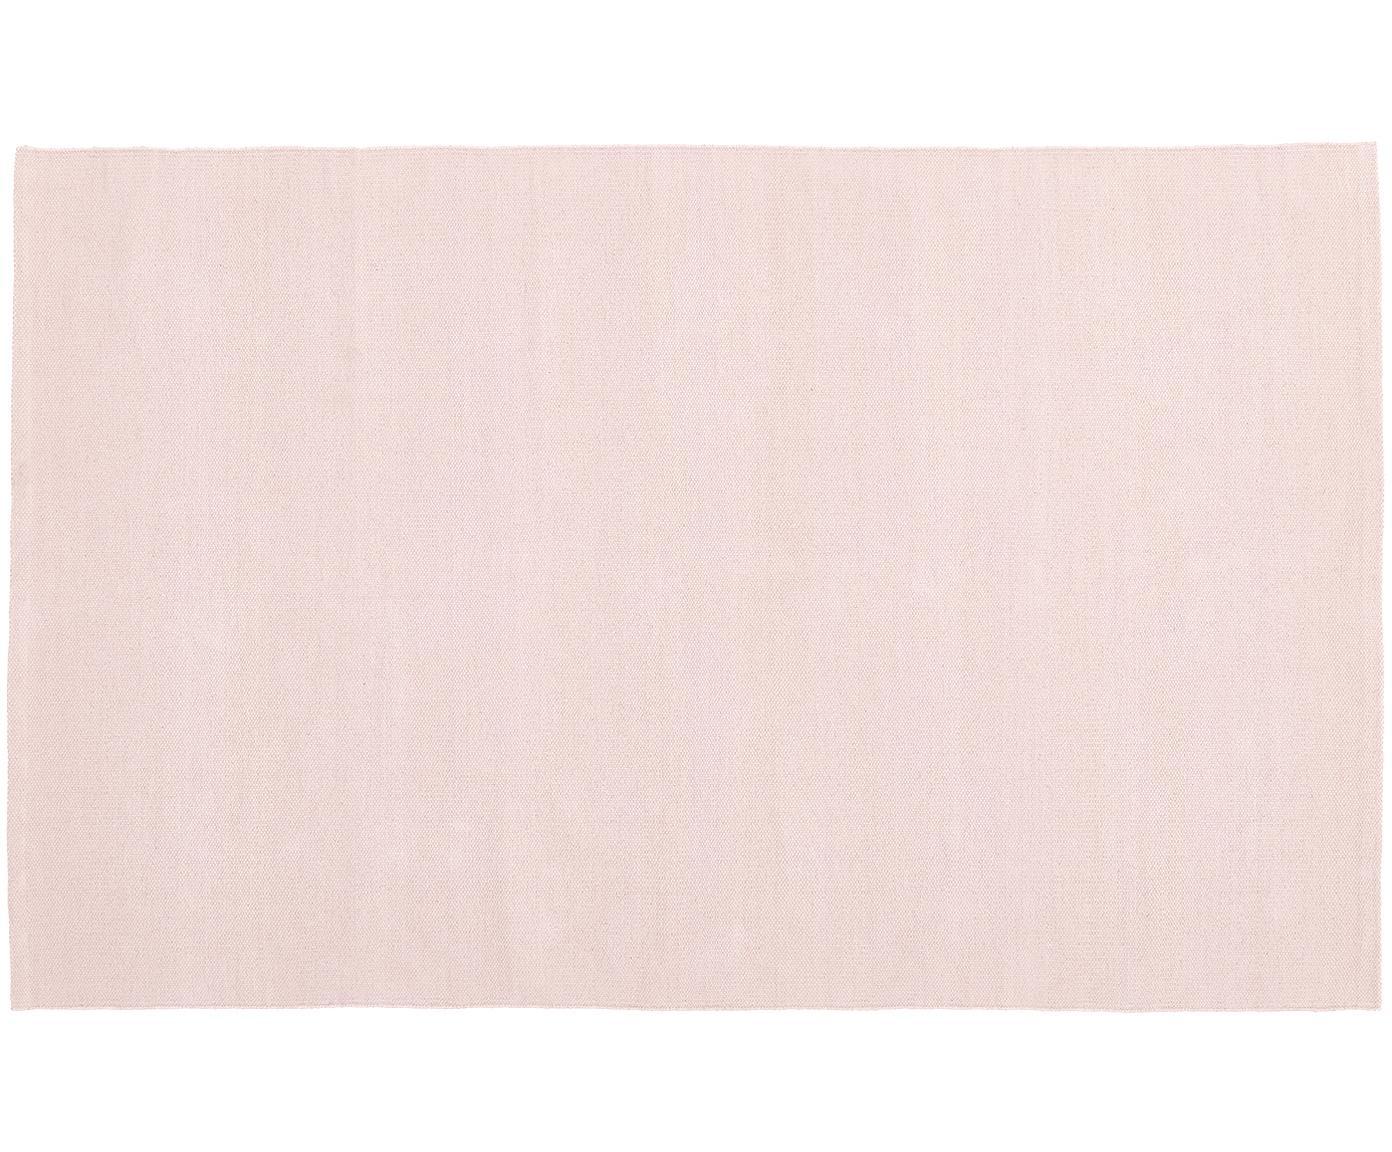 Tappeto in cotone tessuto a mano Agneta, Cotone, Rosa, Larg. 50 x Lung. 80 cm (taglia XXS)